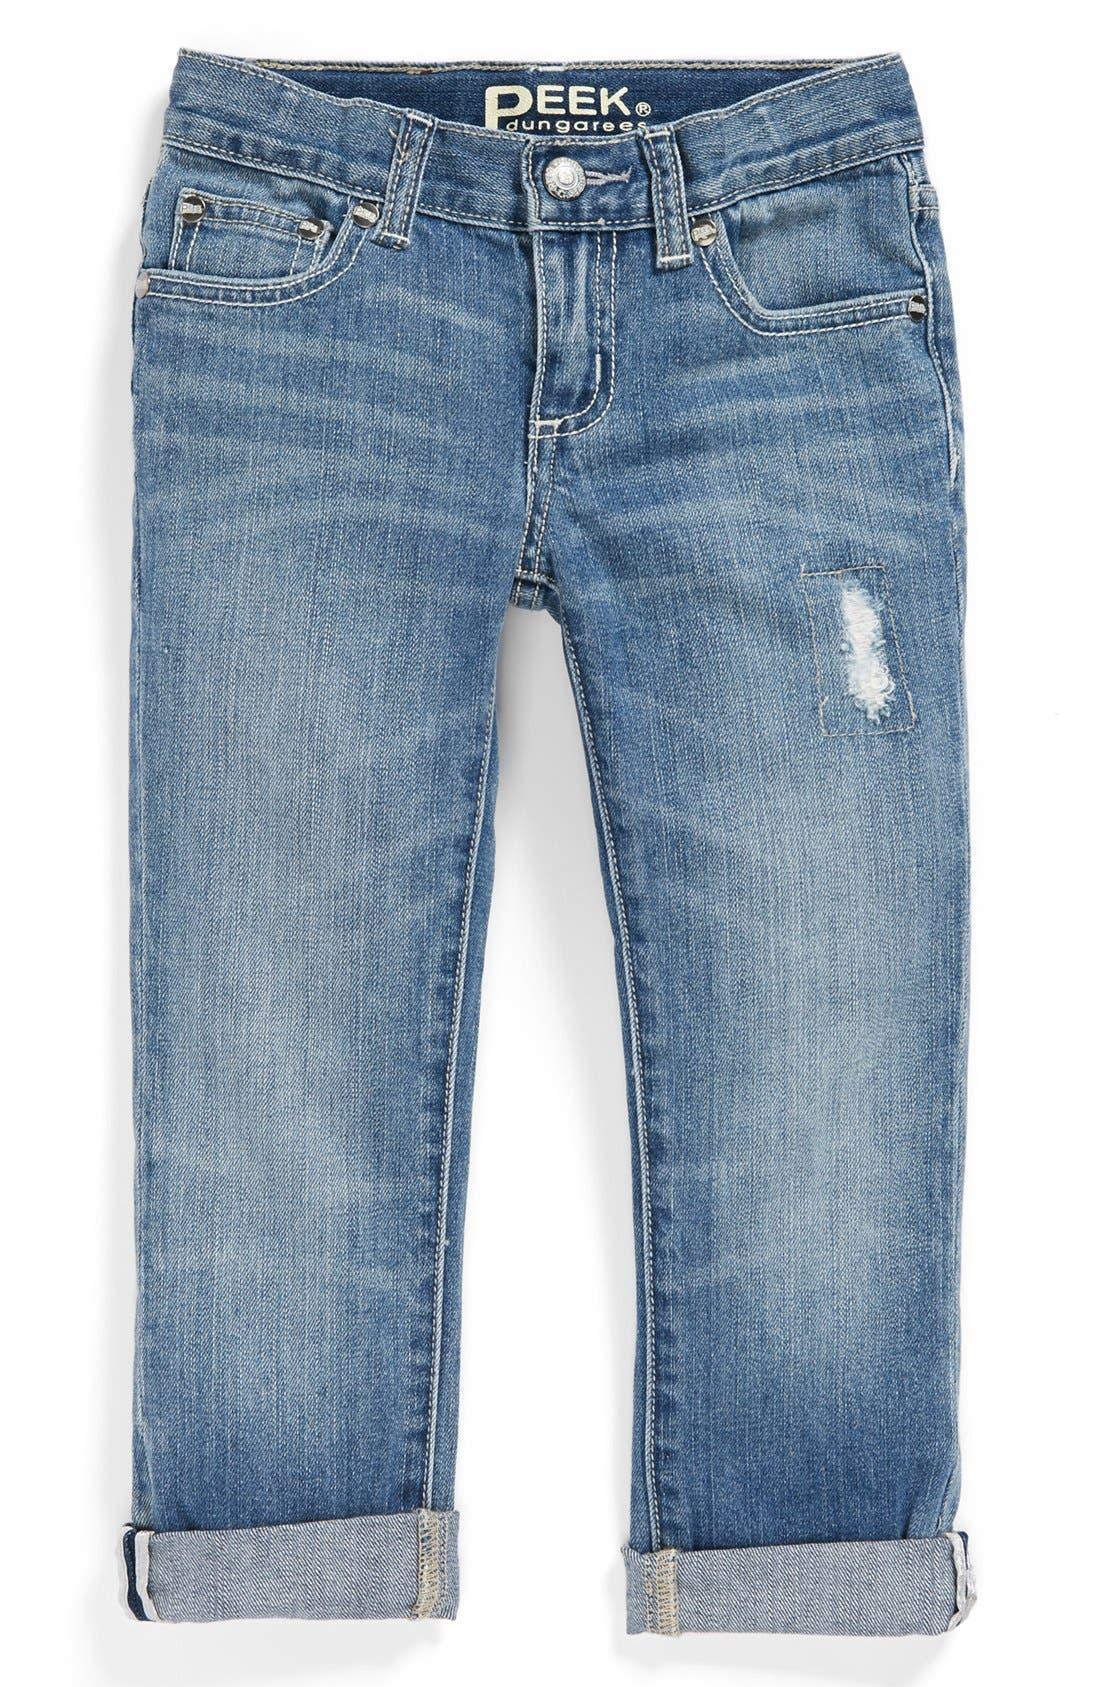 Alternate Image 2  - Peek 'Greta' Stretch Cotton Jeans (Toddler Girls, Little Girls & Big Girls)